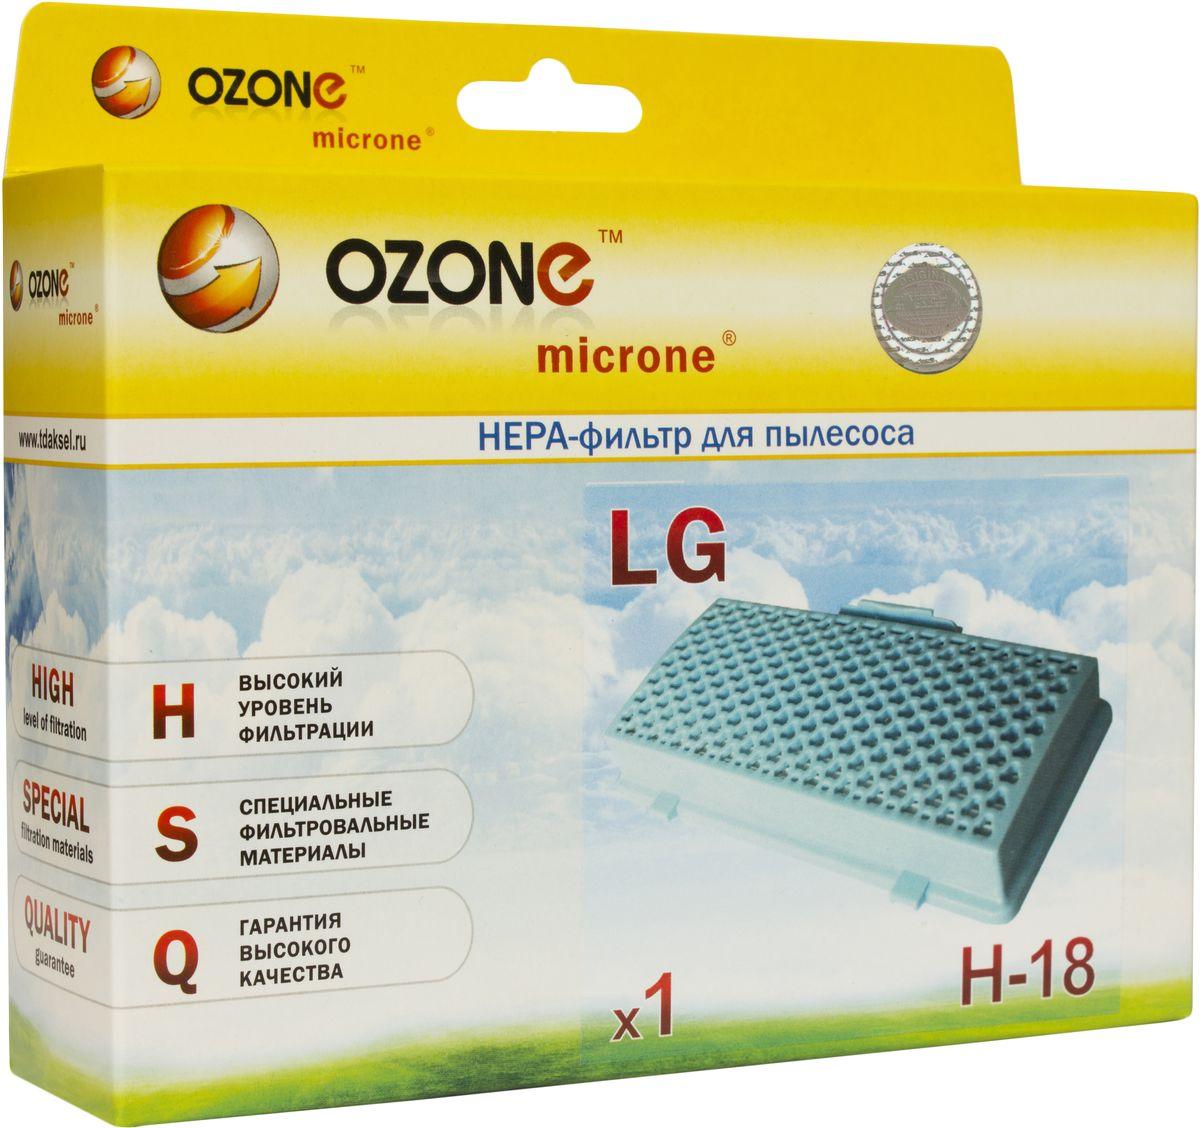 Ozone H-18 НЕРА фильтр для пылесоса LGH-18HEPA фильтр Ozone microne H-18 высокоэффективной очистки предназначен для завершающей очистки воздуха в помещении, которое требует высокое качество воздуха, например, медицинских помещений. Фильтр состоит из мелкопористых материалов, что служит эффективному задерживанию частиц размером до 0,3 мкм. Фильтры HEPA последнего поколения имеют степень очистки воздуха около 95-97%. Фильтры не подлежат к промывке, а значит, они являются одноразовыми.